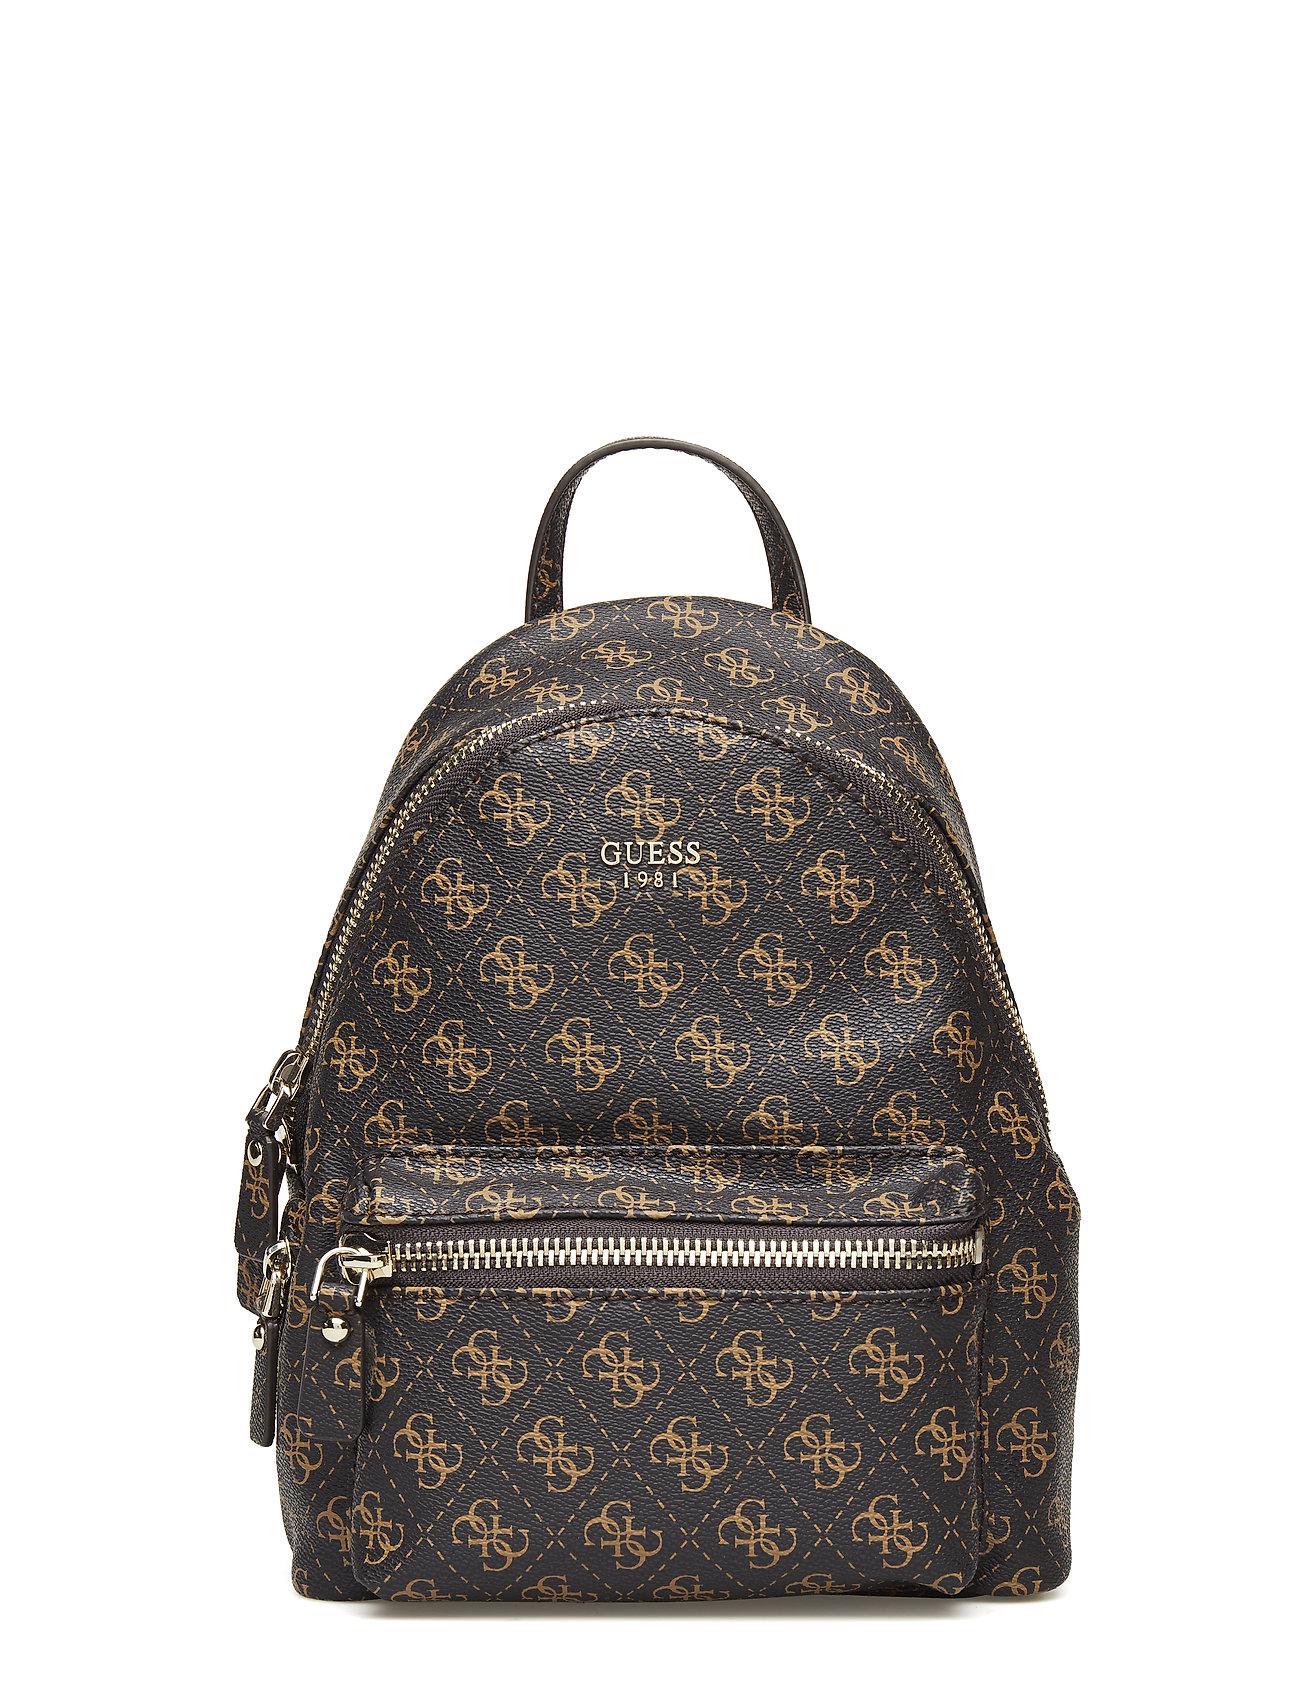 GUESS Leeza Small Backpack Rucksack Tasche Braun GUESS